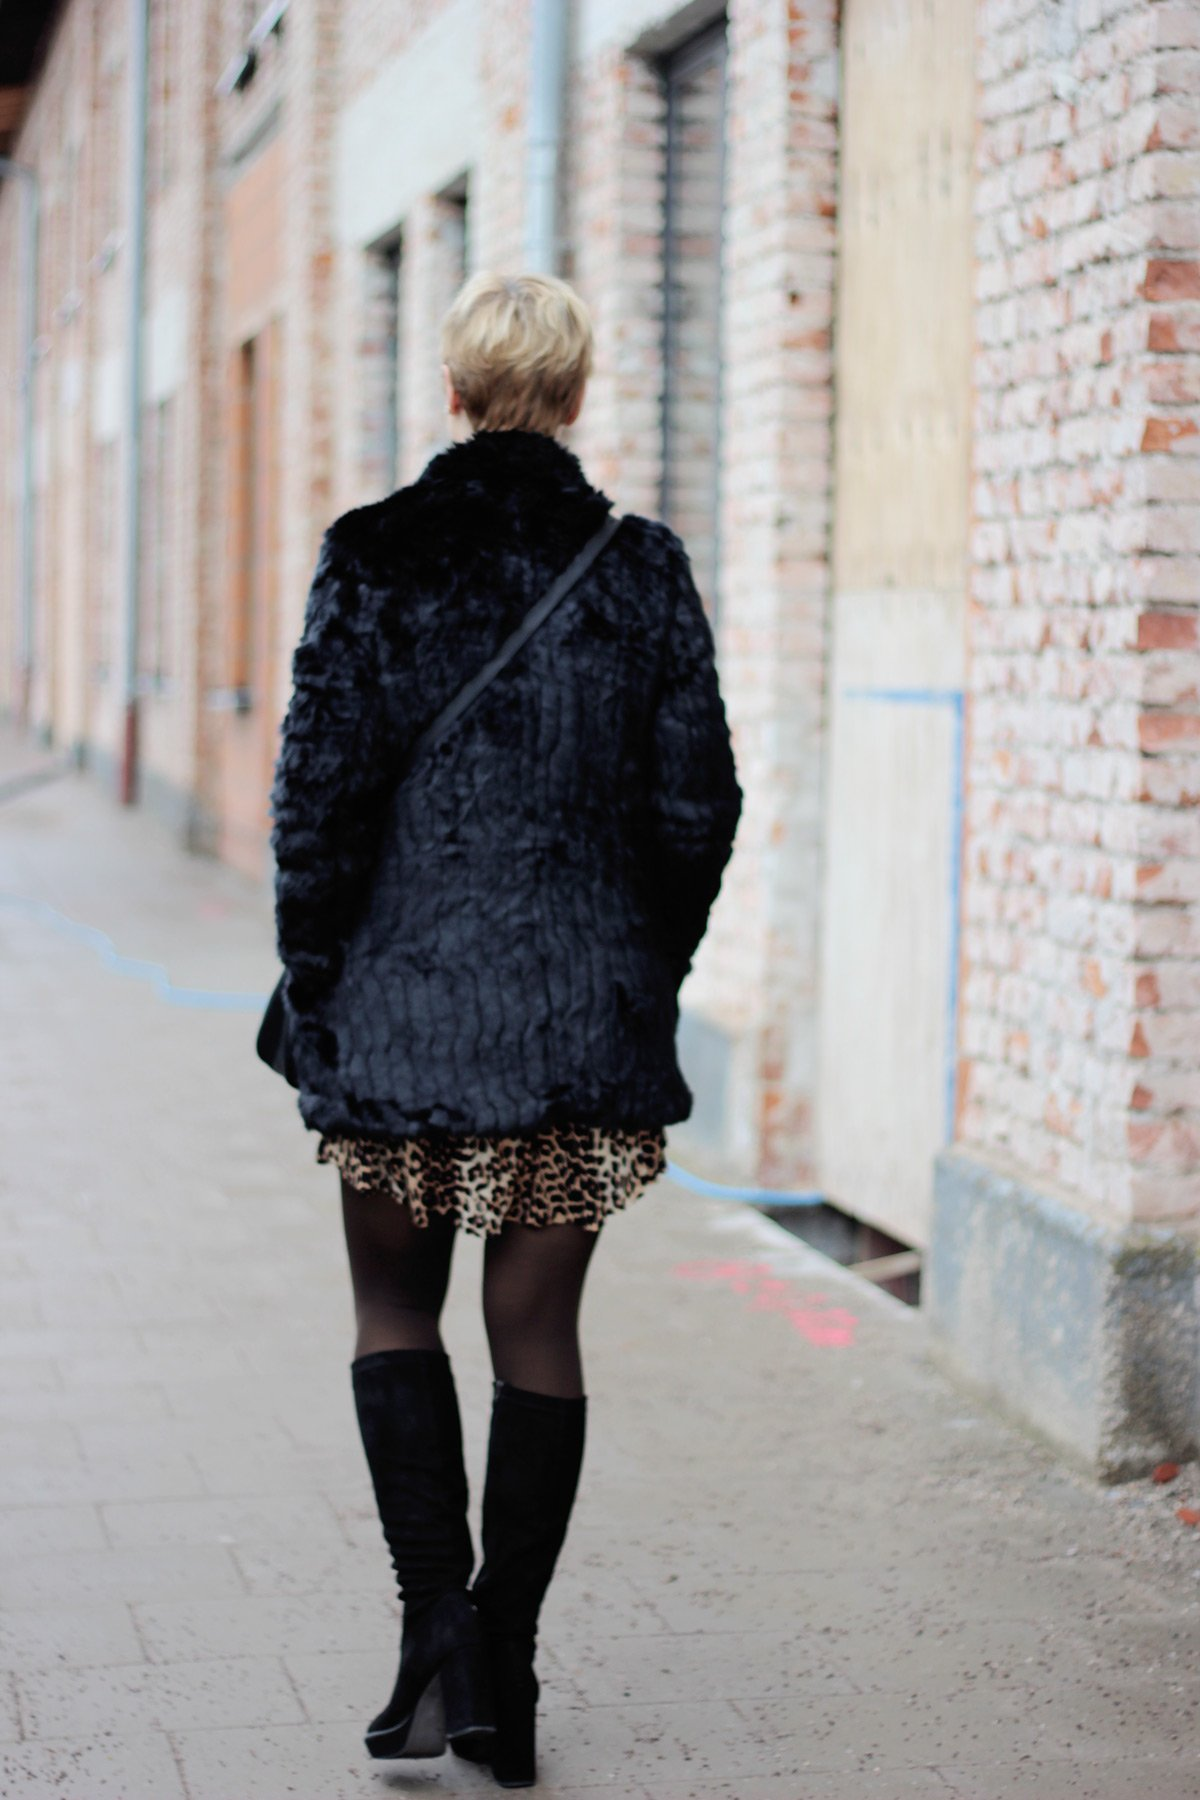 conny doll lifestyle: Leoprint, Übergangskleid für den Winter kombiniert, Fakefur-Jacke, Rollkragenpullover, Stiefel, Strumpfhose, camel, schwarz, braun, Muenchenblogger, Fashionblogger, 40plusBlogger